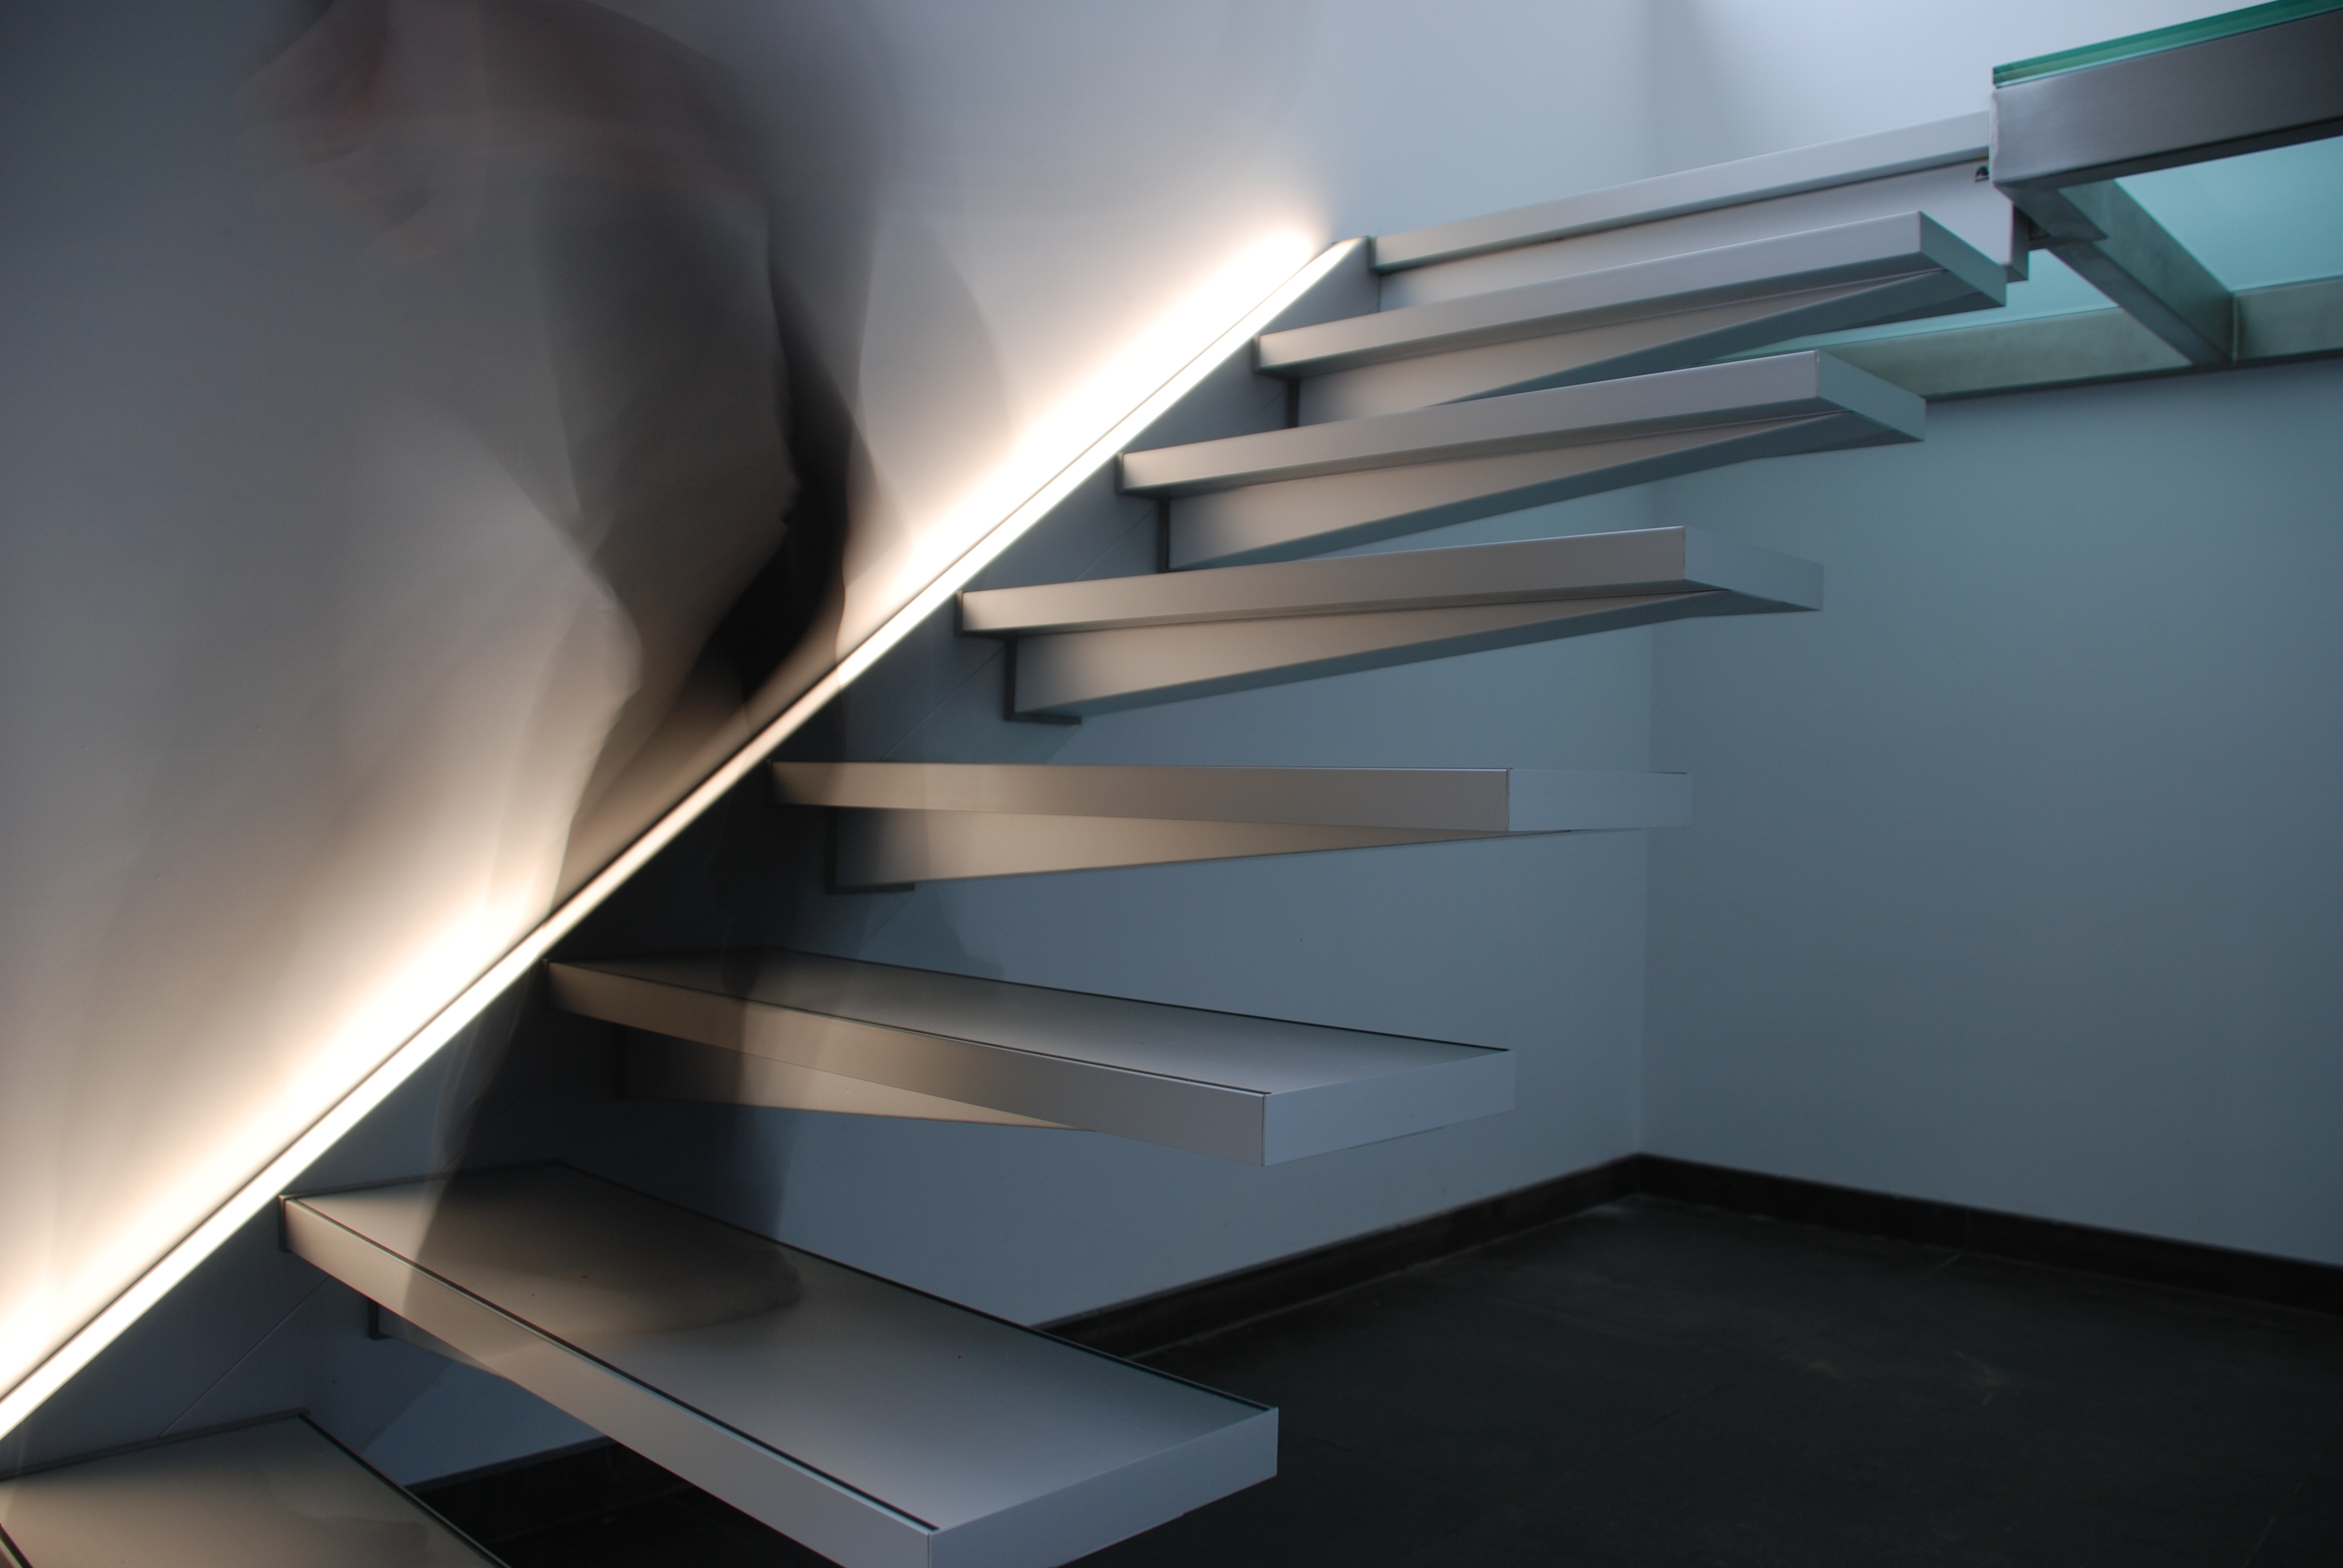 Escalier Marches Suspendues Mur solitaire - escaliers design graah